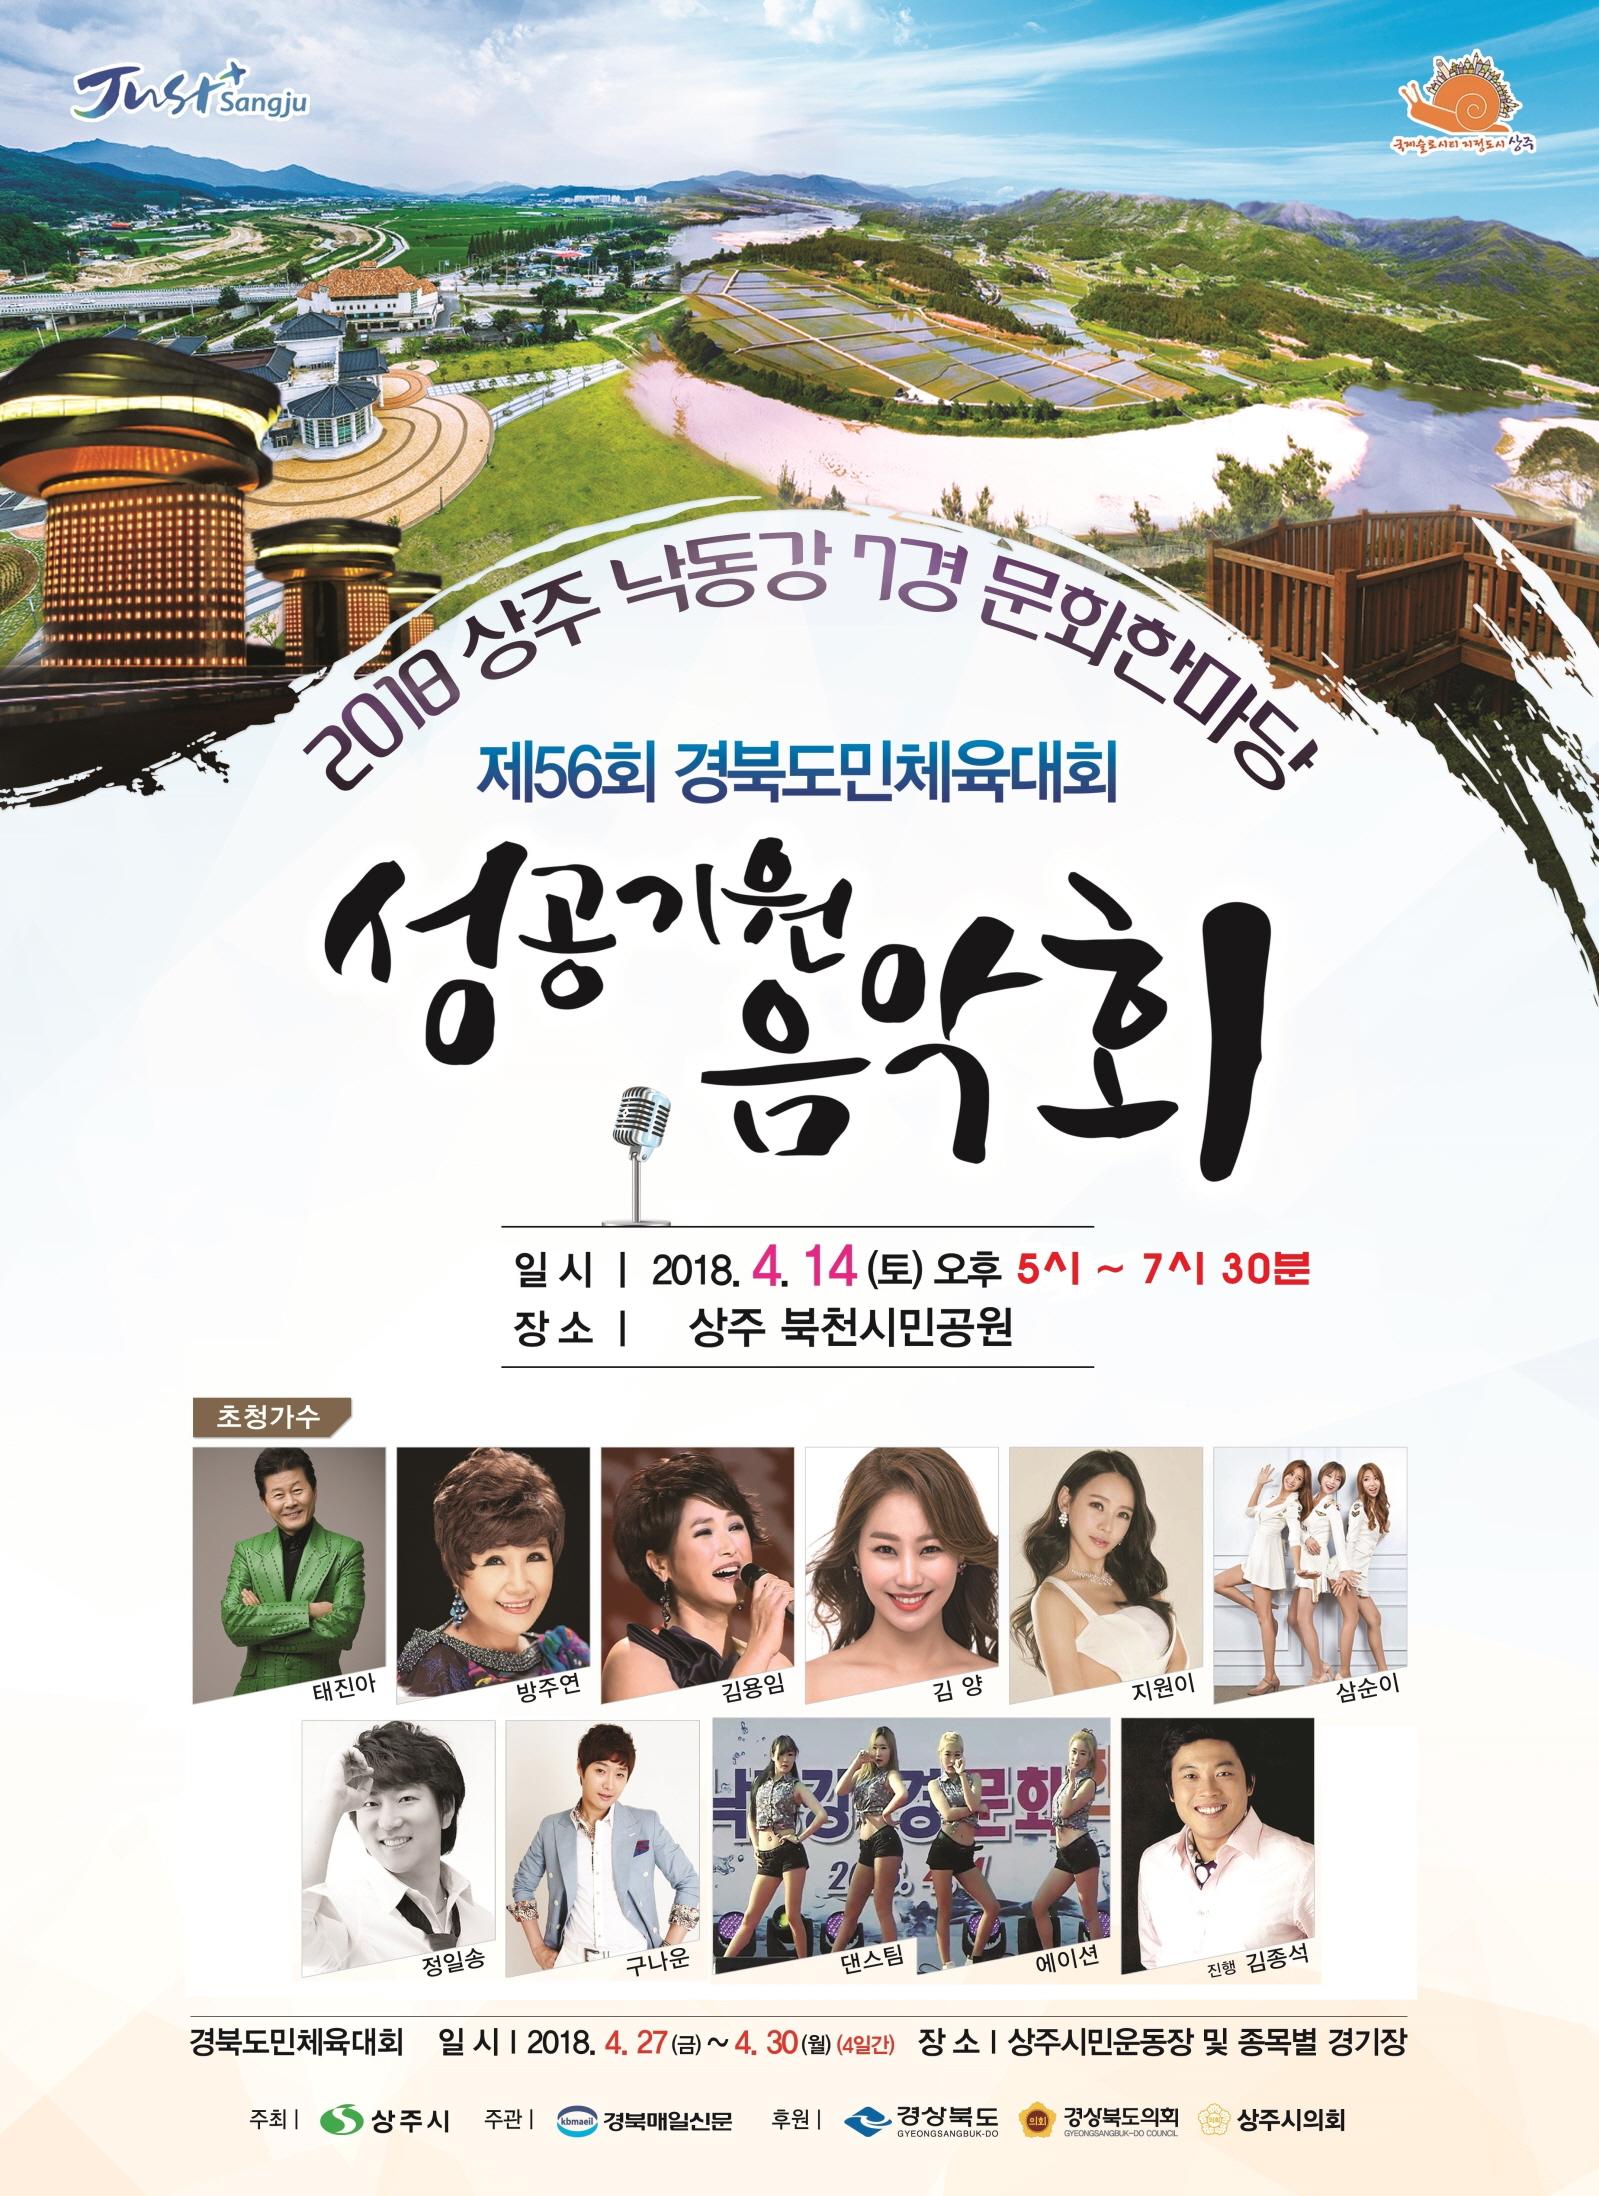 [문화예술과]『제56회 도민체전 성공기원 음악회』 개최.jpg